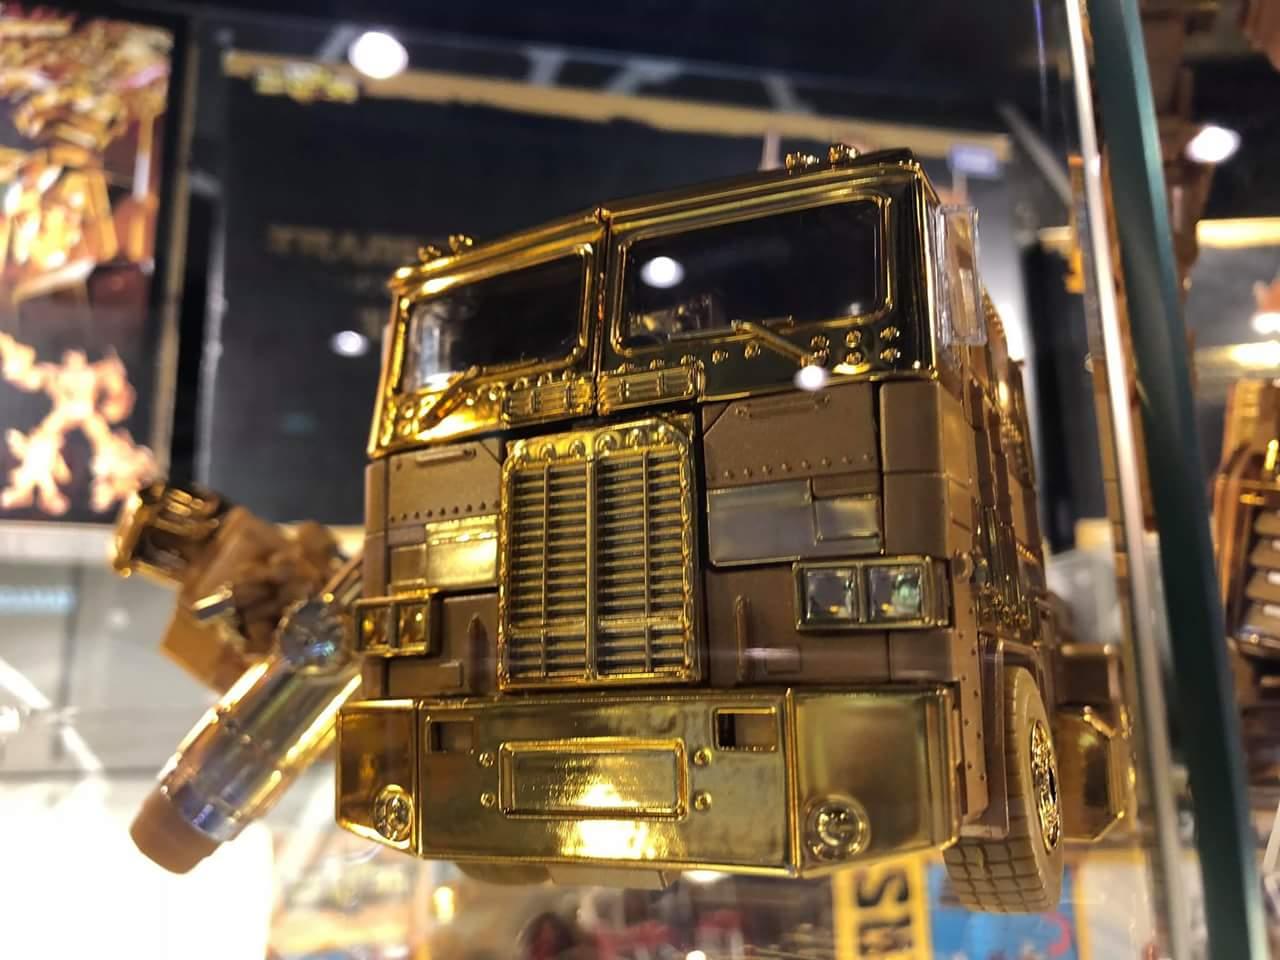 [Masterpiece] MP-10B | MP-10A | MP-10R | MP-10SG | MP-10K | MP-711 | MP-10G | MP-10 ASL ― Convoy (Optimus Prime/Optimus Primus) - Page 6 SxCmwYbU_o